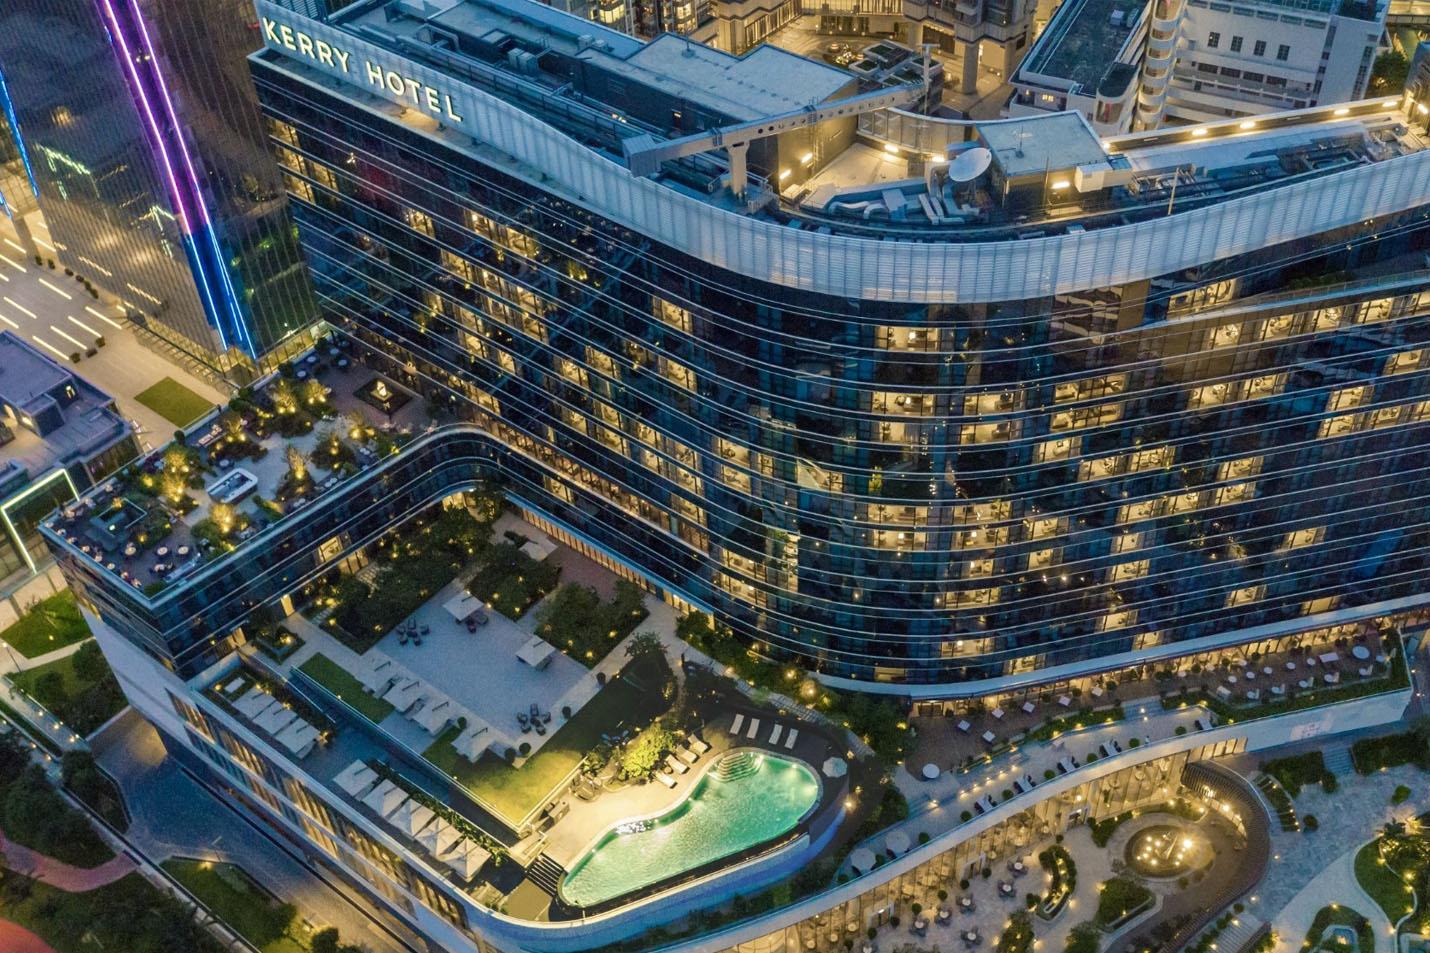 香港嘉里大酒店